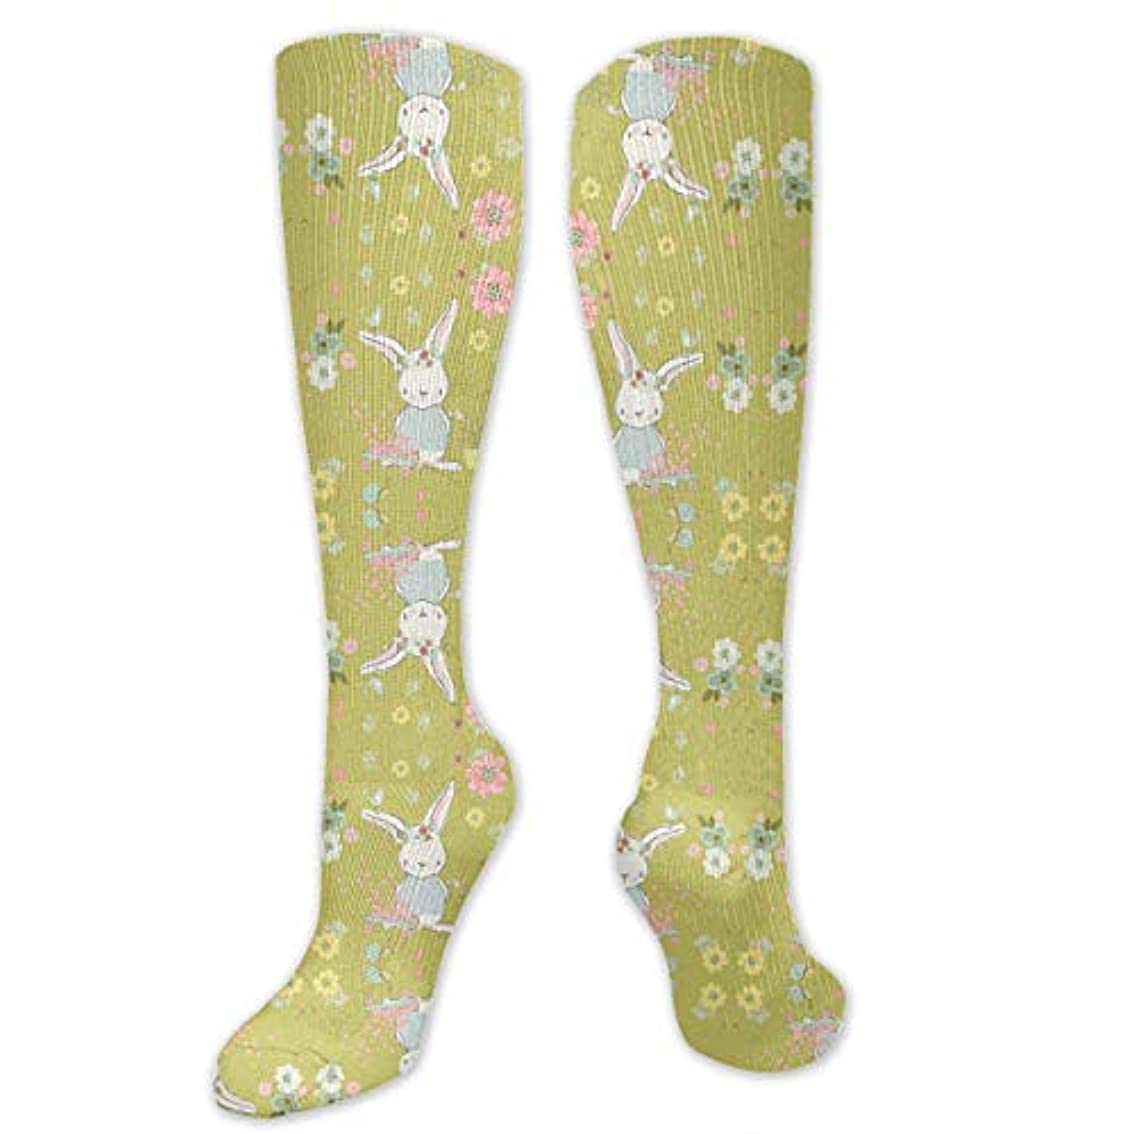 ライム承認する床を掃除する靴下,ストッキング,野生のジョーカー,実際,秋の本質,冬必須,サマーウェア&RBXAA Garden Bunny Yellow Socks Women's Winter Cotton Long Tube Socks Cotton...